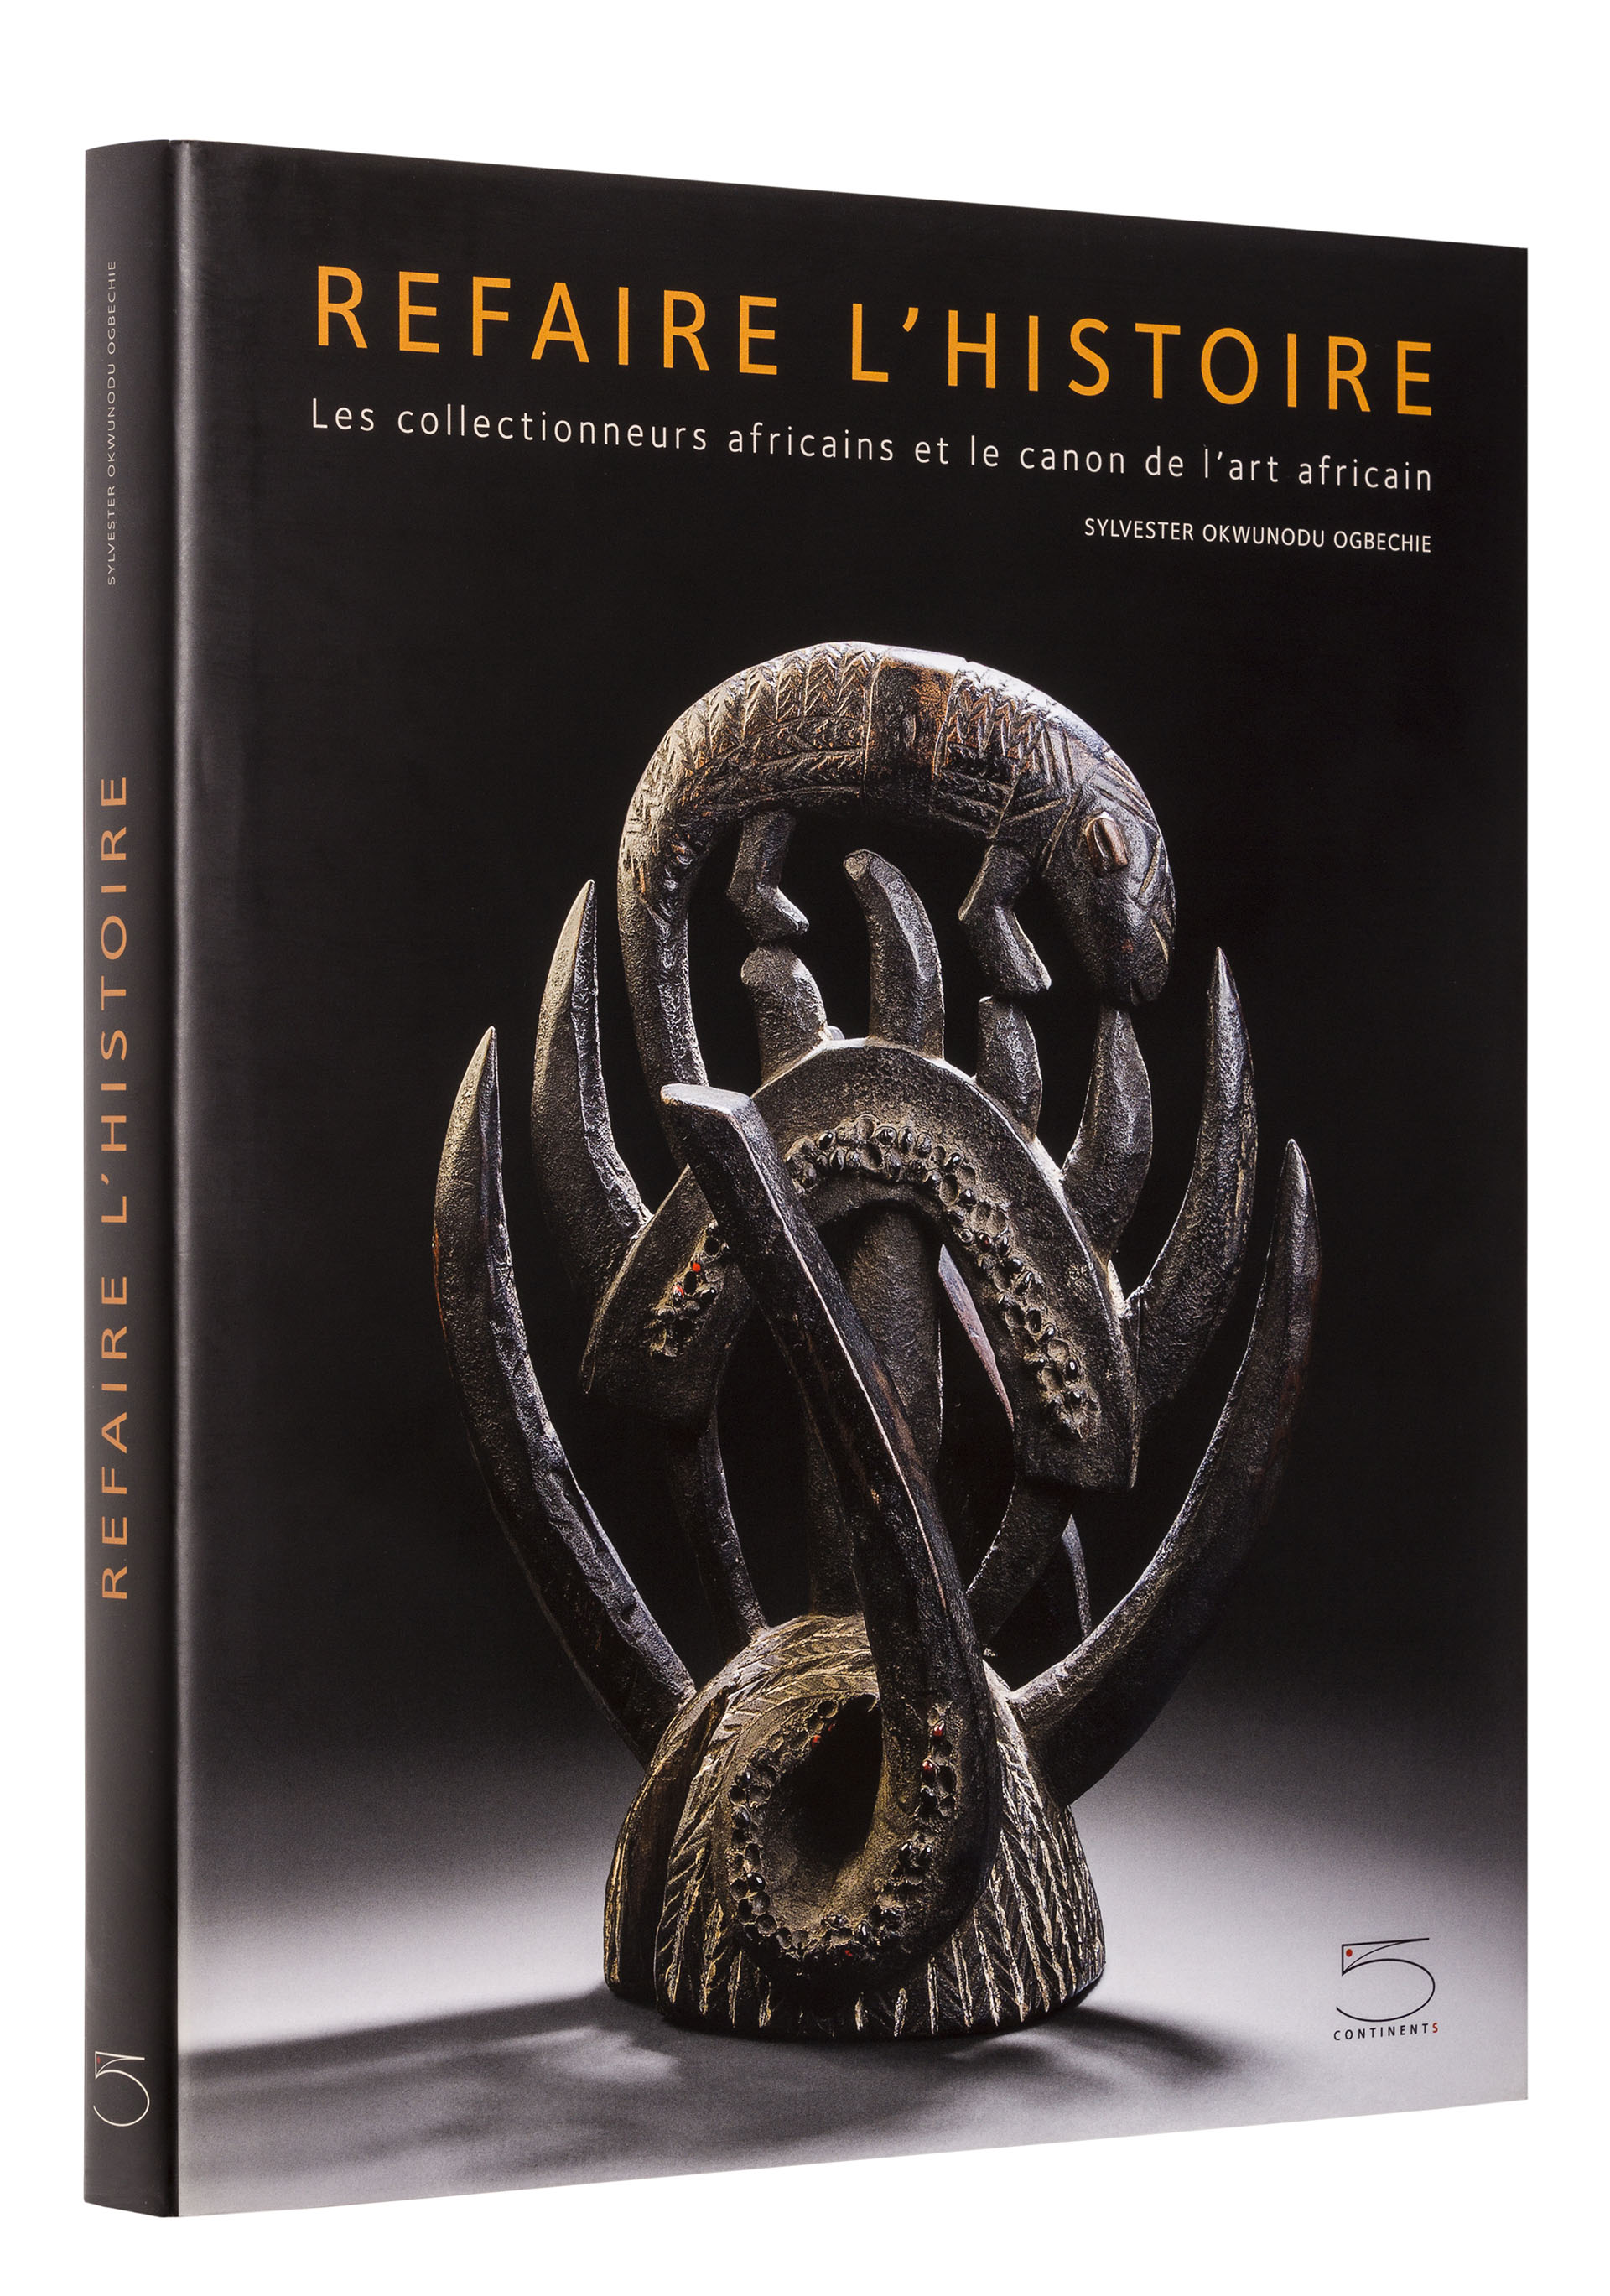 art africain histoire